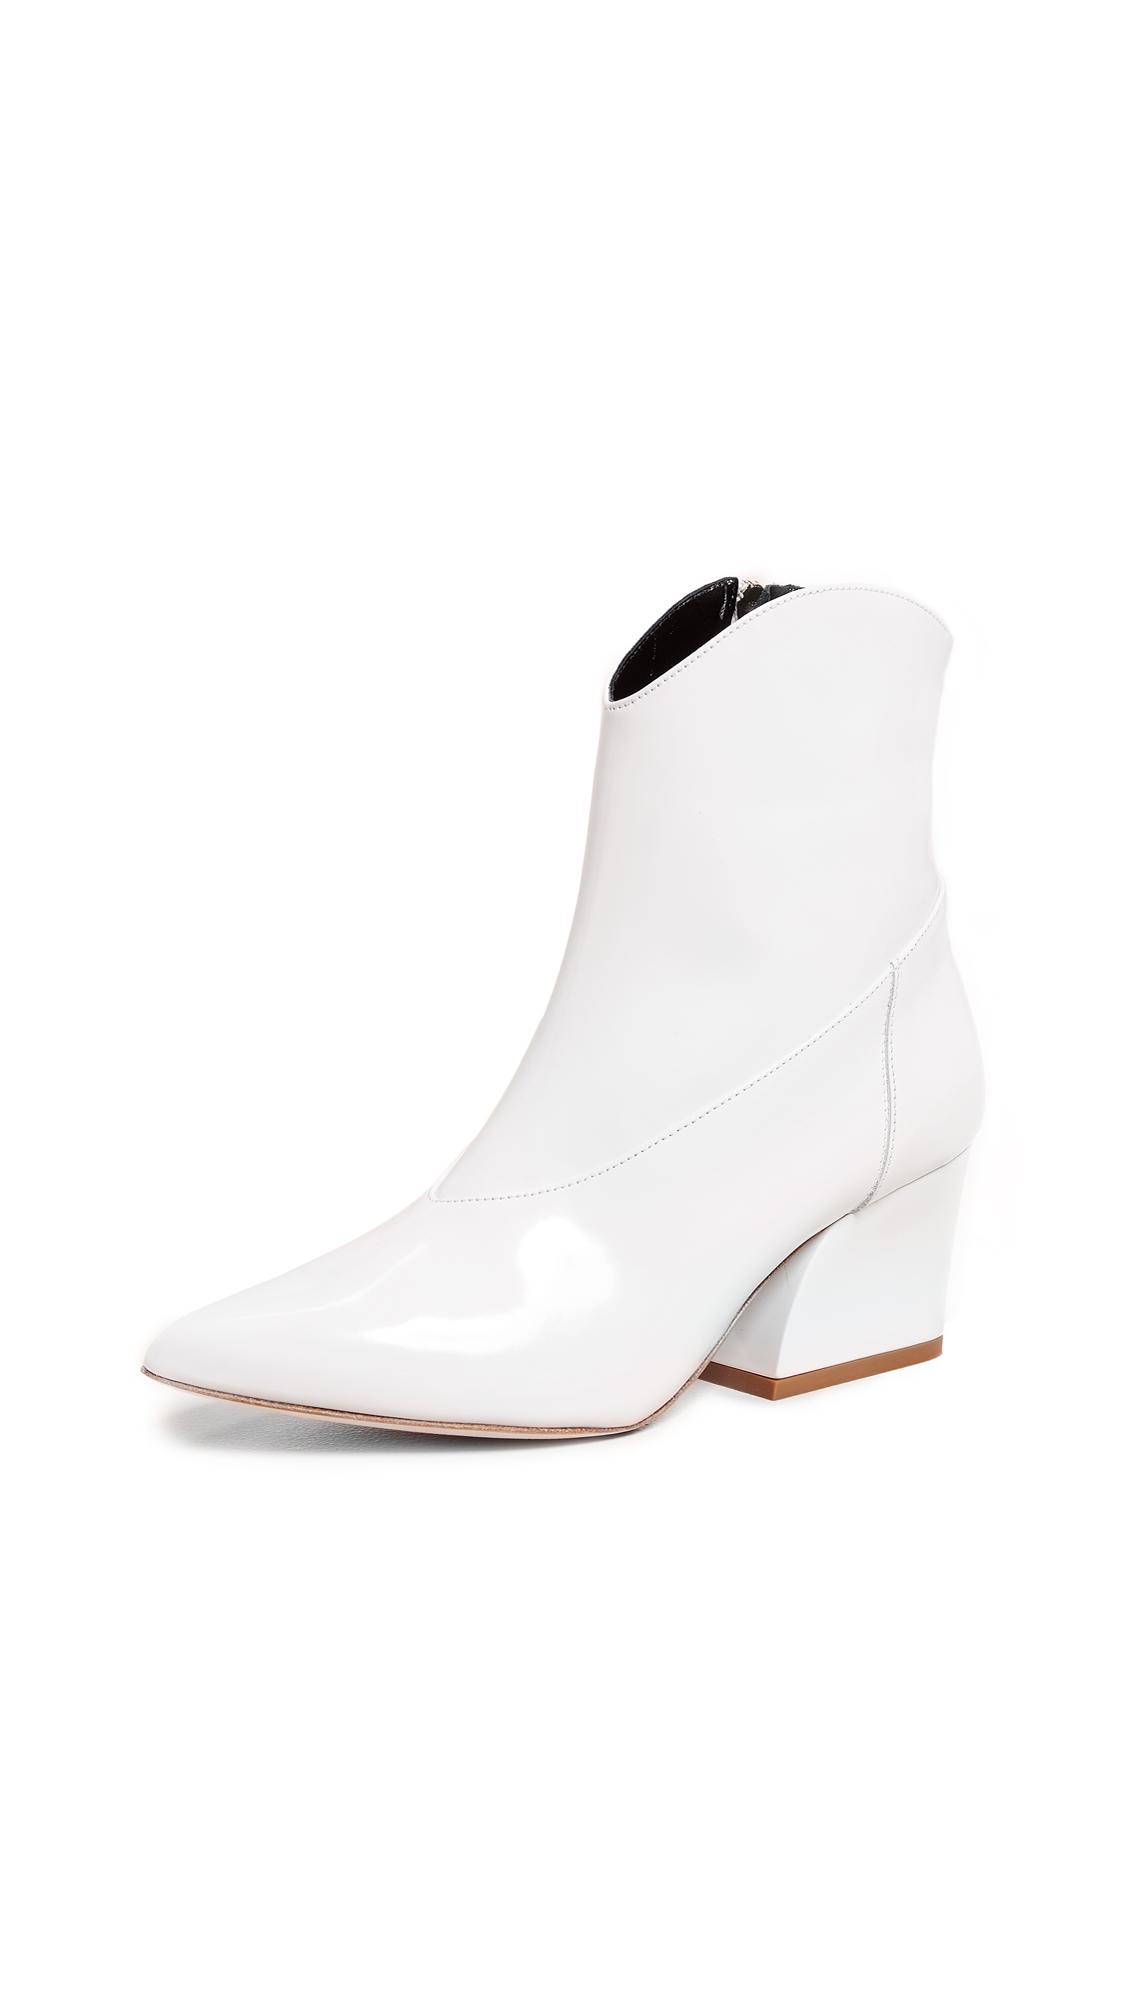 Tibi Dylan Boots - White